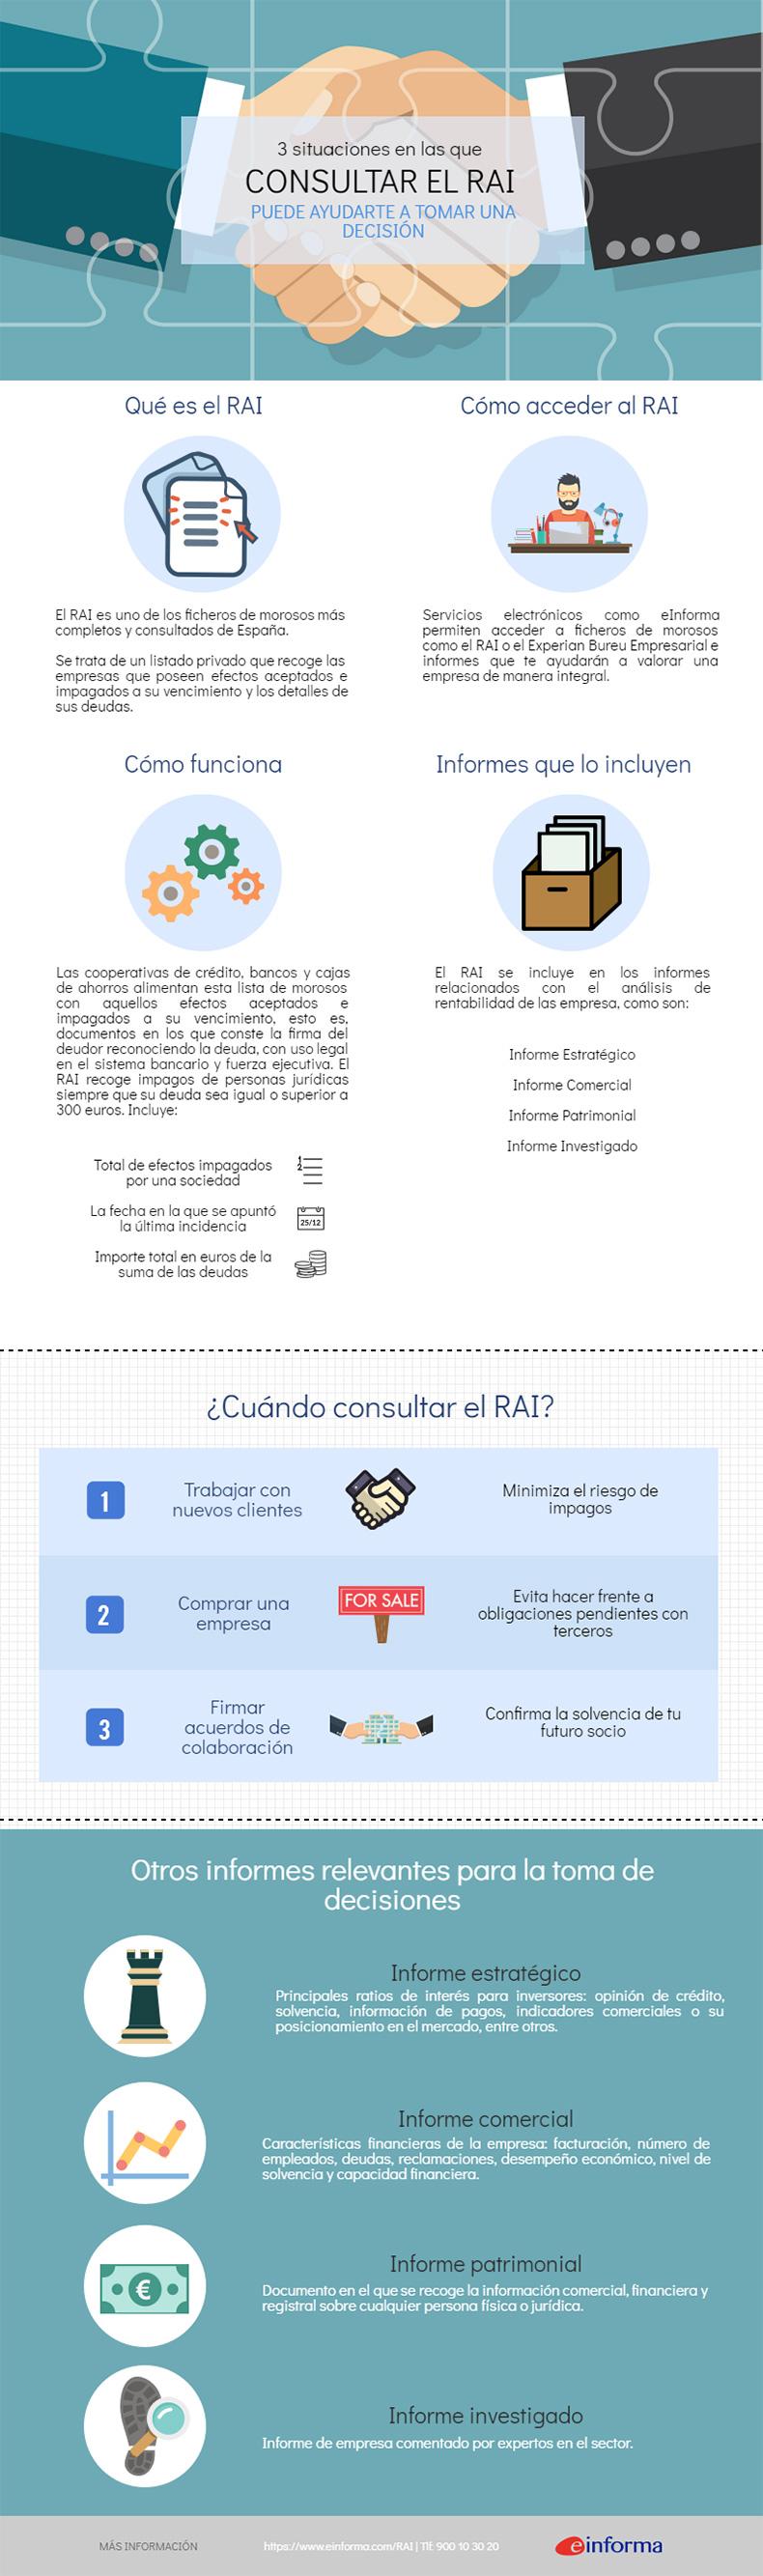 3 situaciones en las que consultar el RAI